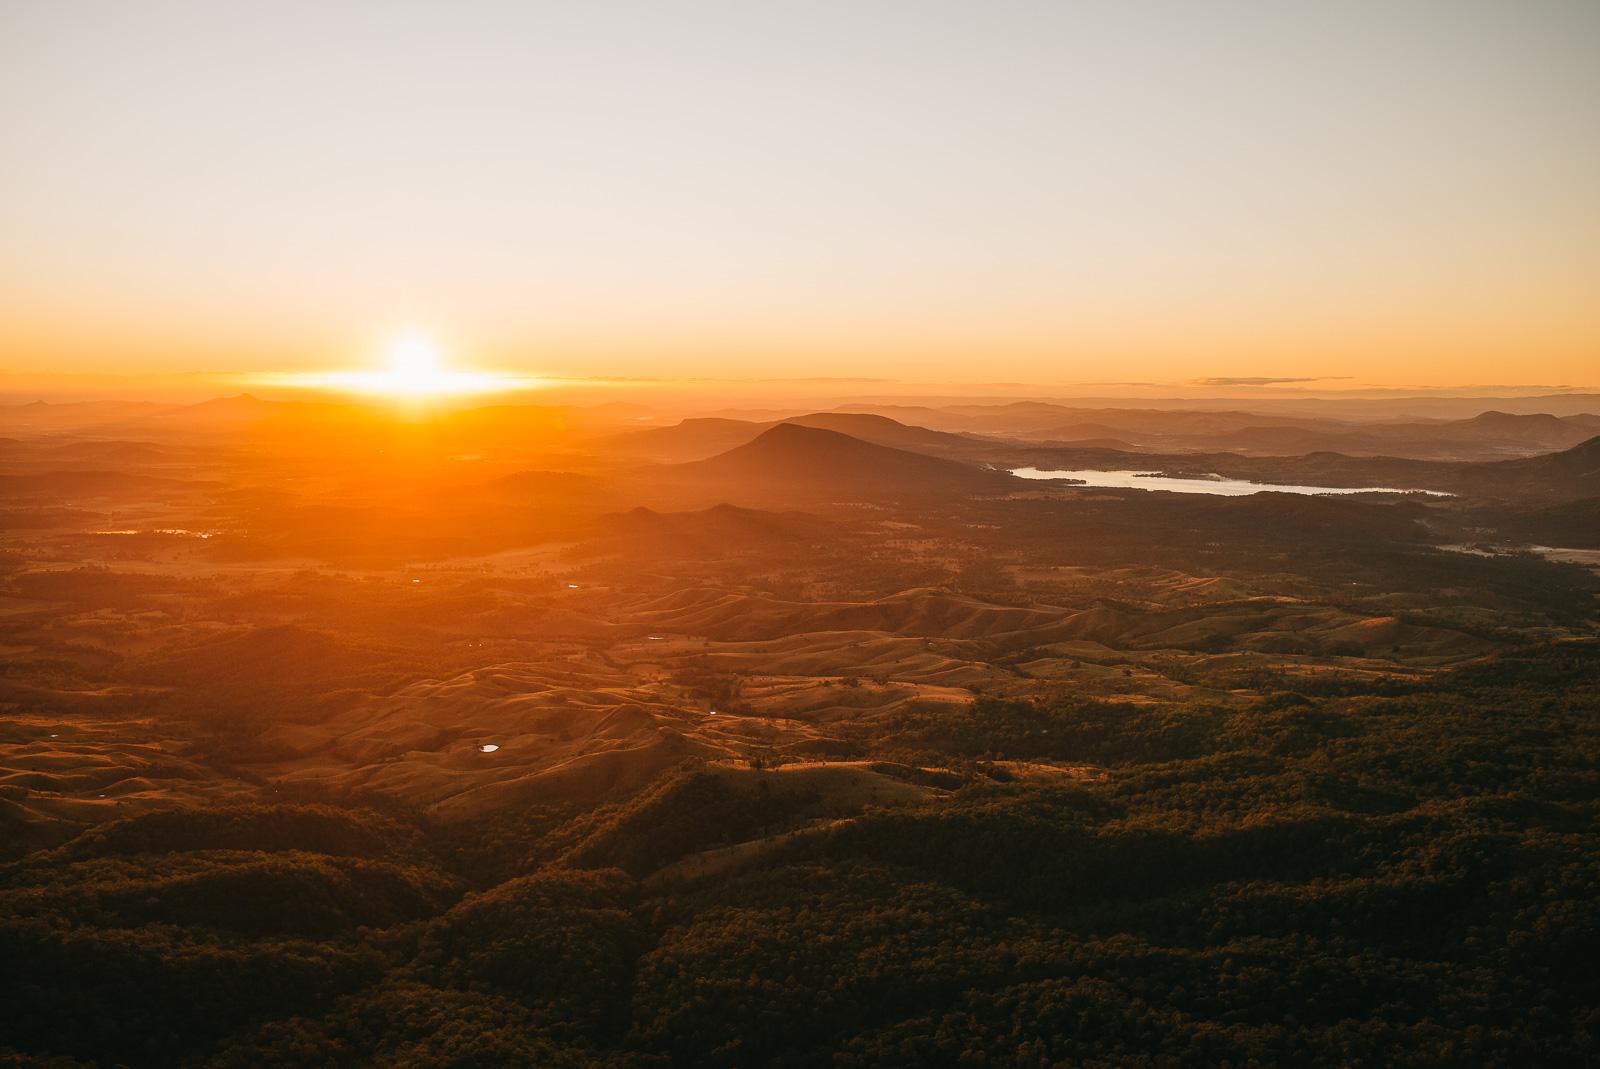 Sunrise on Mount Cordeaux, Cunningham's Gap